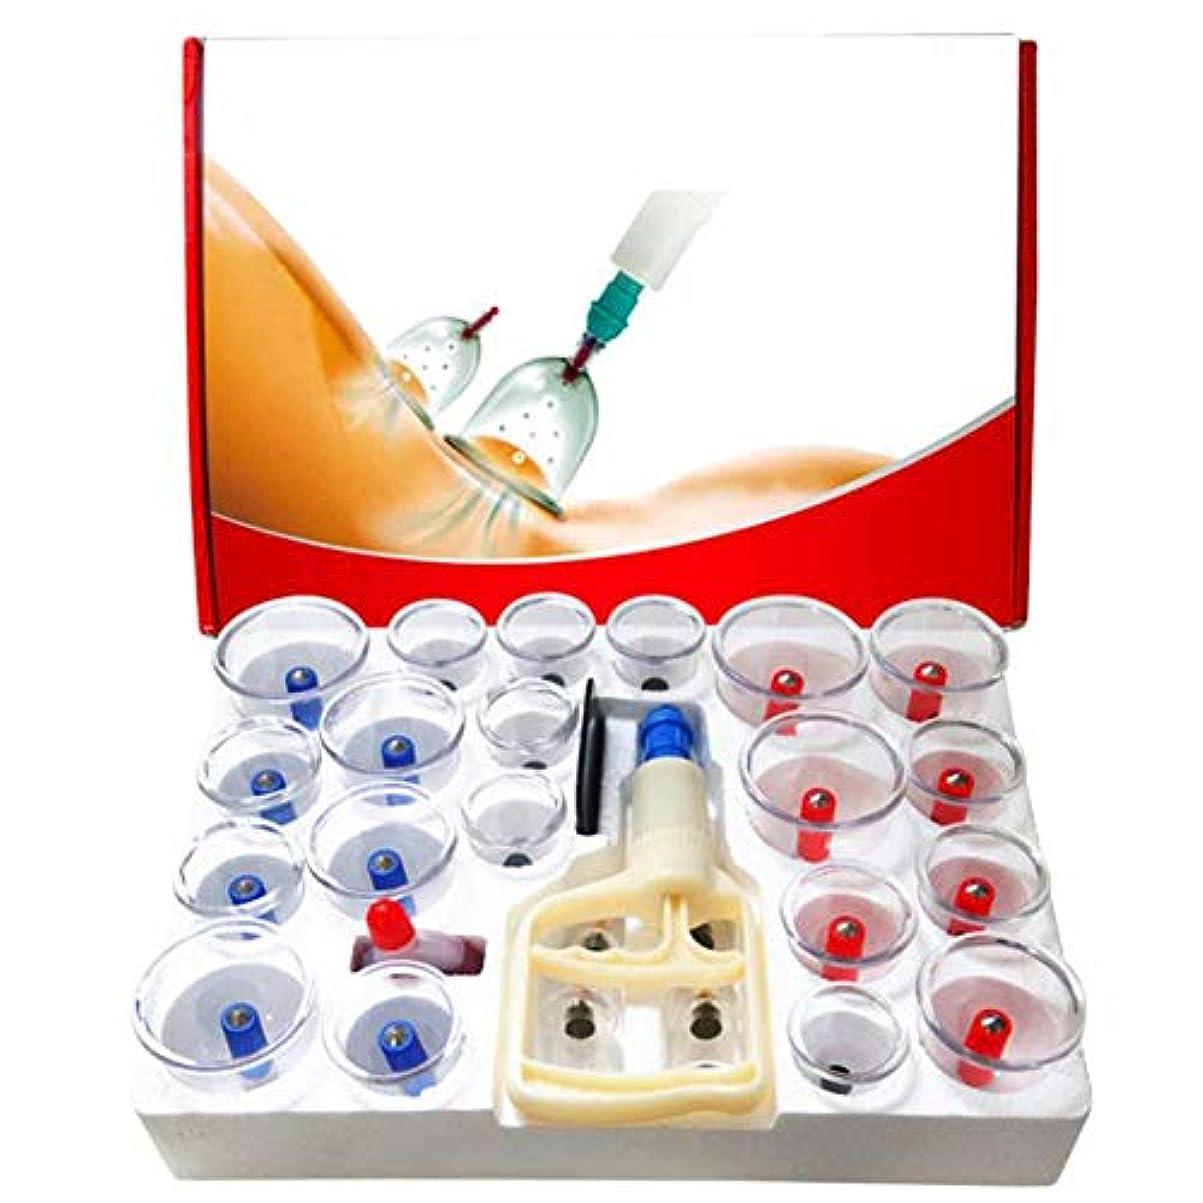 と遊ぶ役に立たない咳背中/首の痛み、減量、筋肉の緩和のための14個の磁気ヘッドを備えた中国カッピング24個のマッサージ真空吸引カッピングセット。